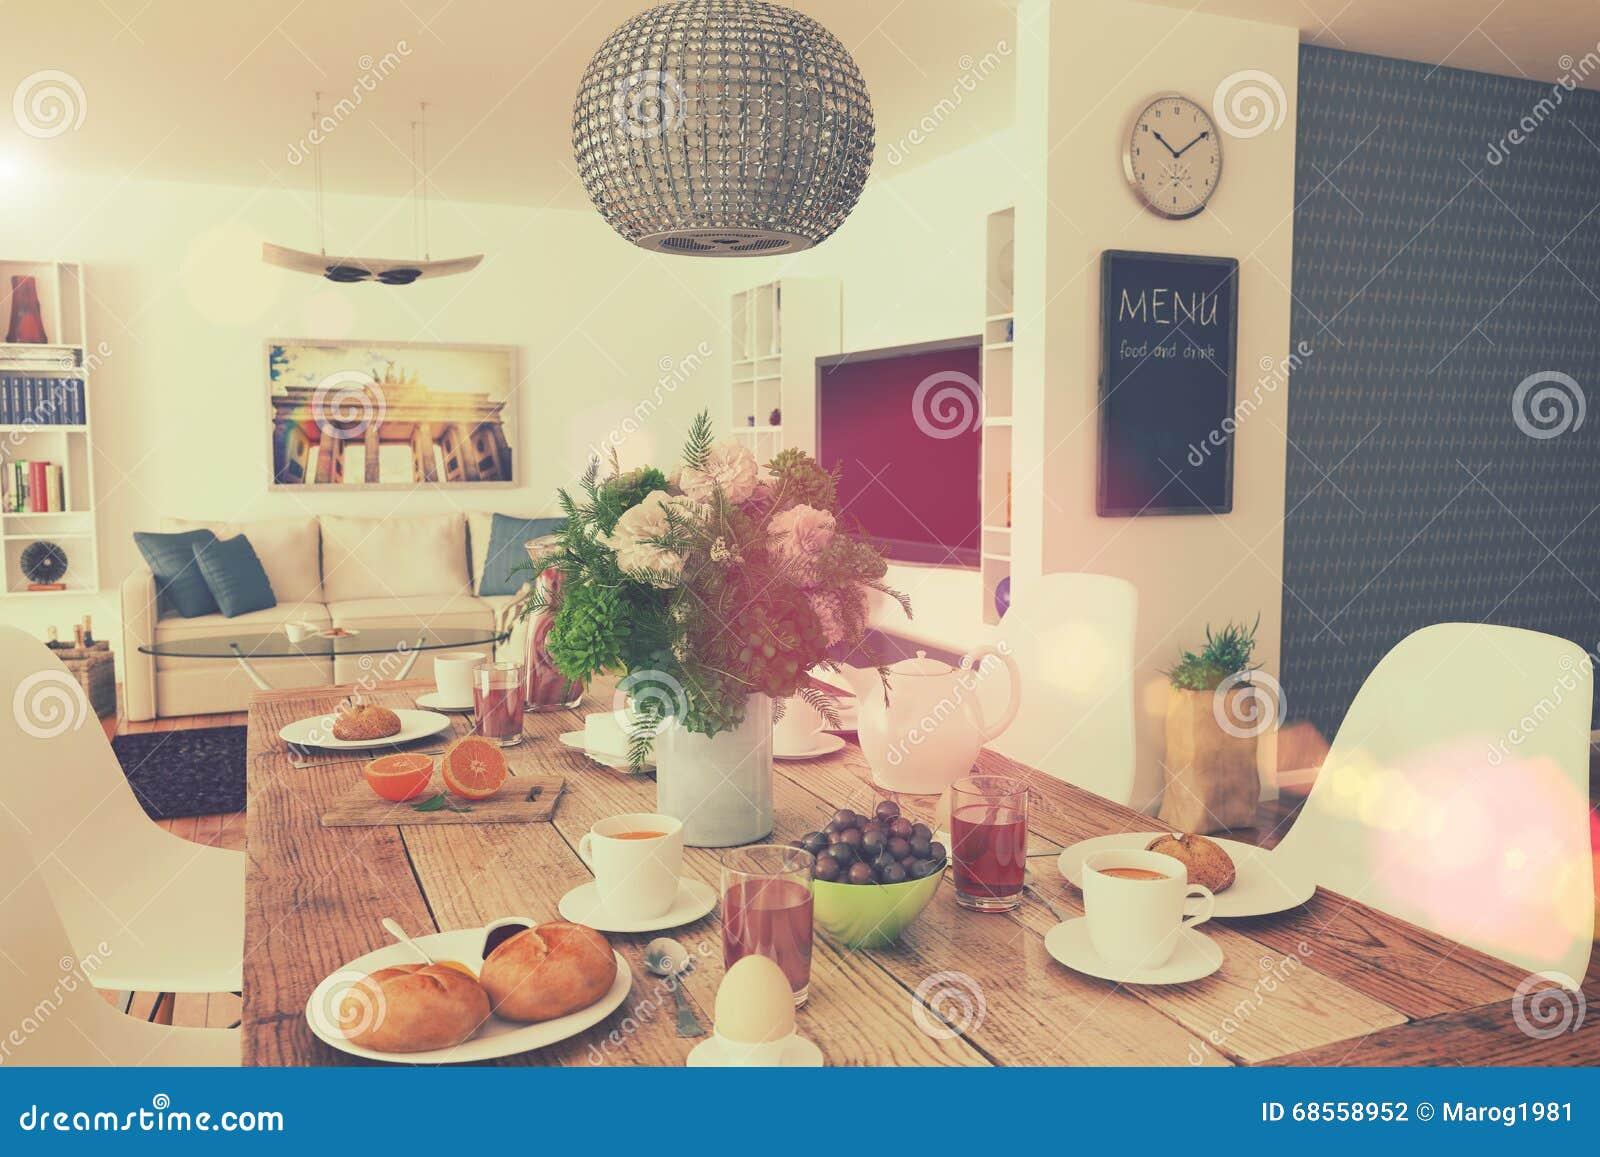 Salle A Manger Retro table de salle à manger - petit déjeuner - 01 tirés - rétro